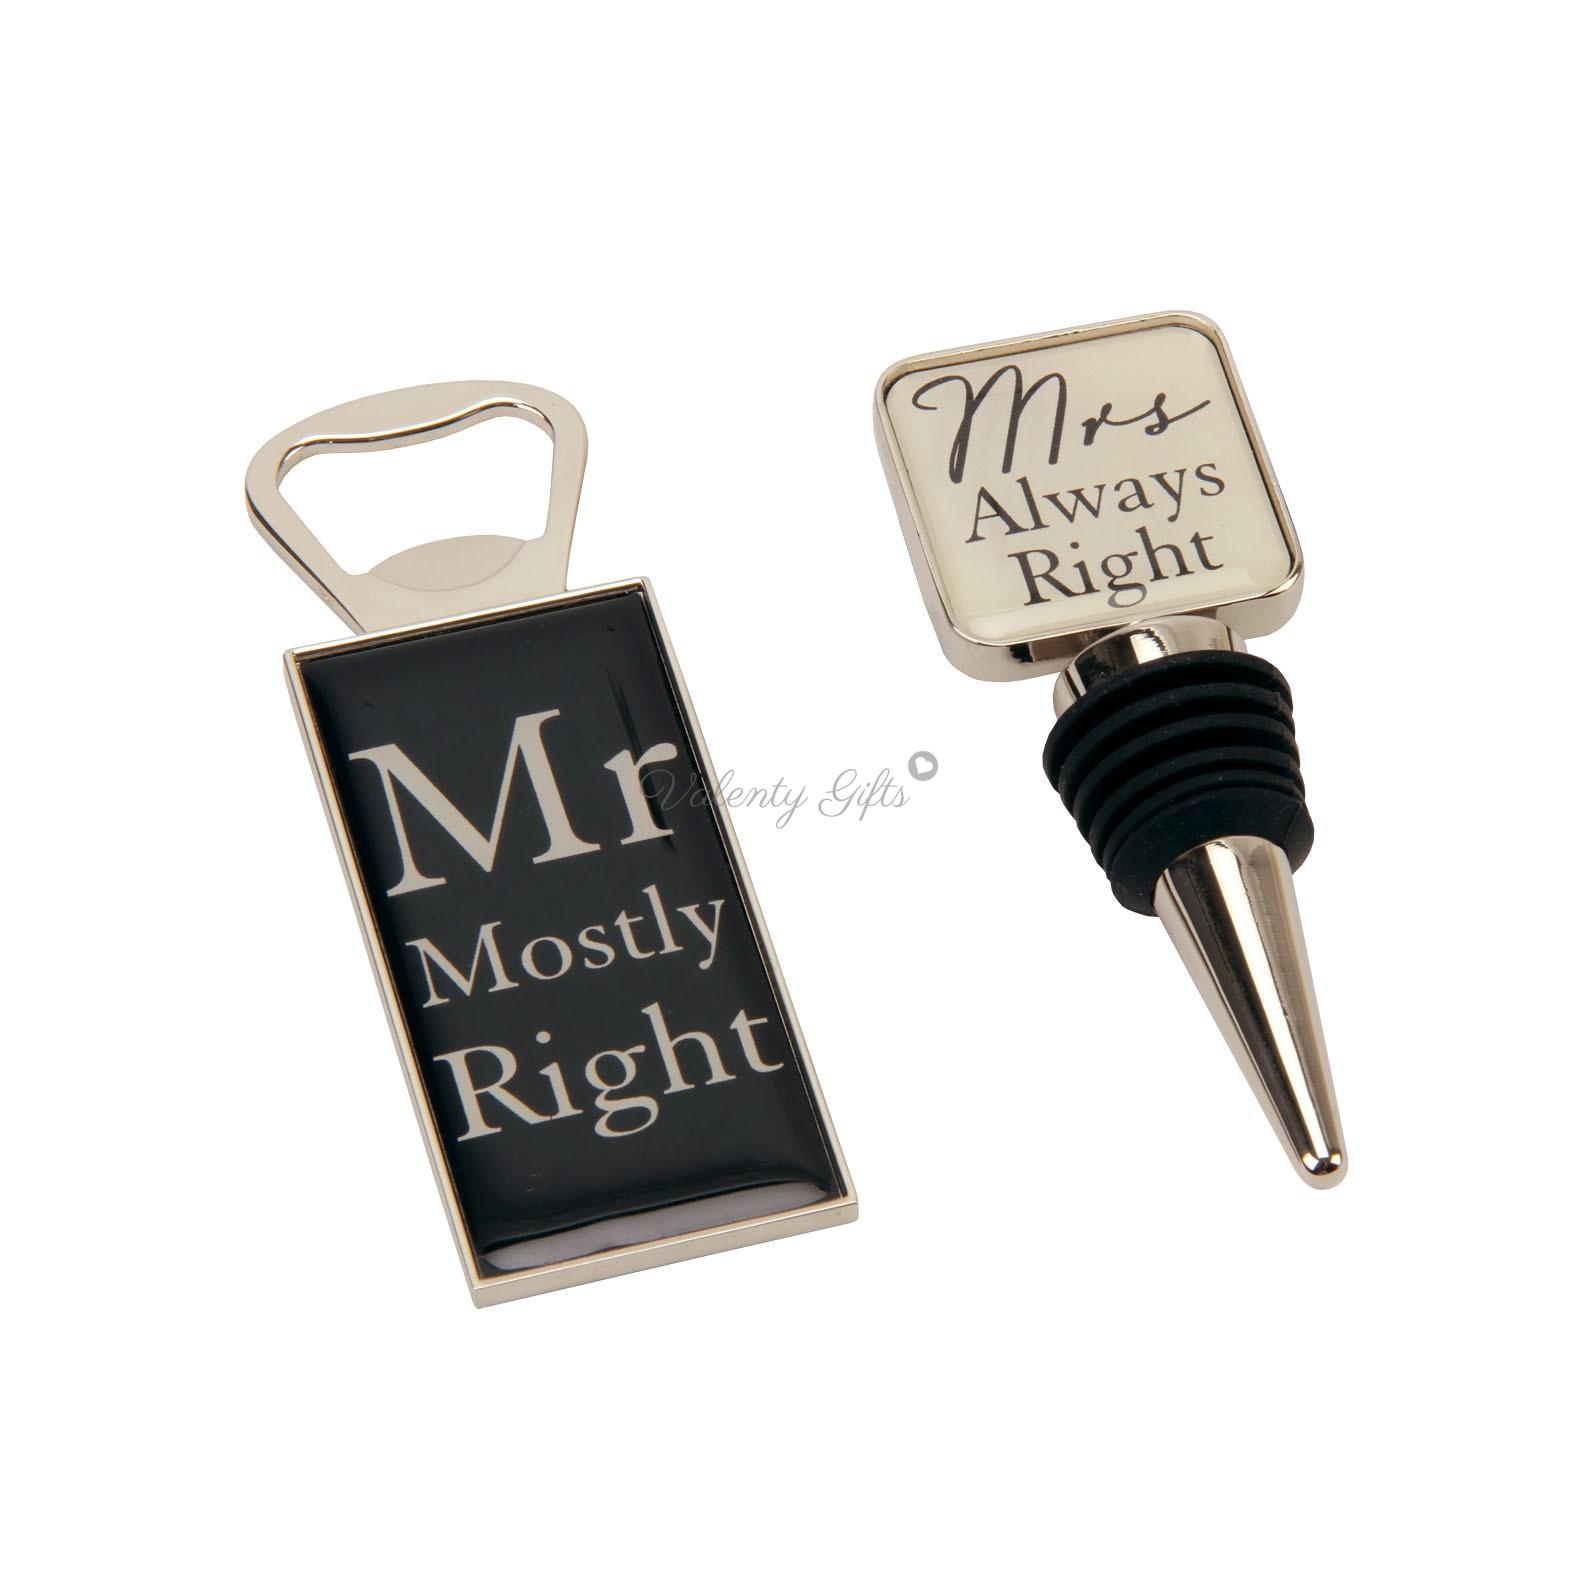 Отварачка за бира Mr Mostly right, стопер за бутилка Mrs always right